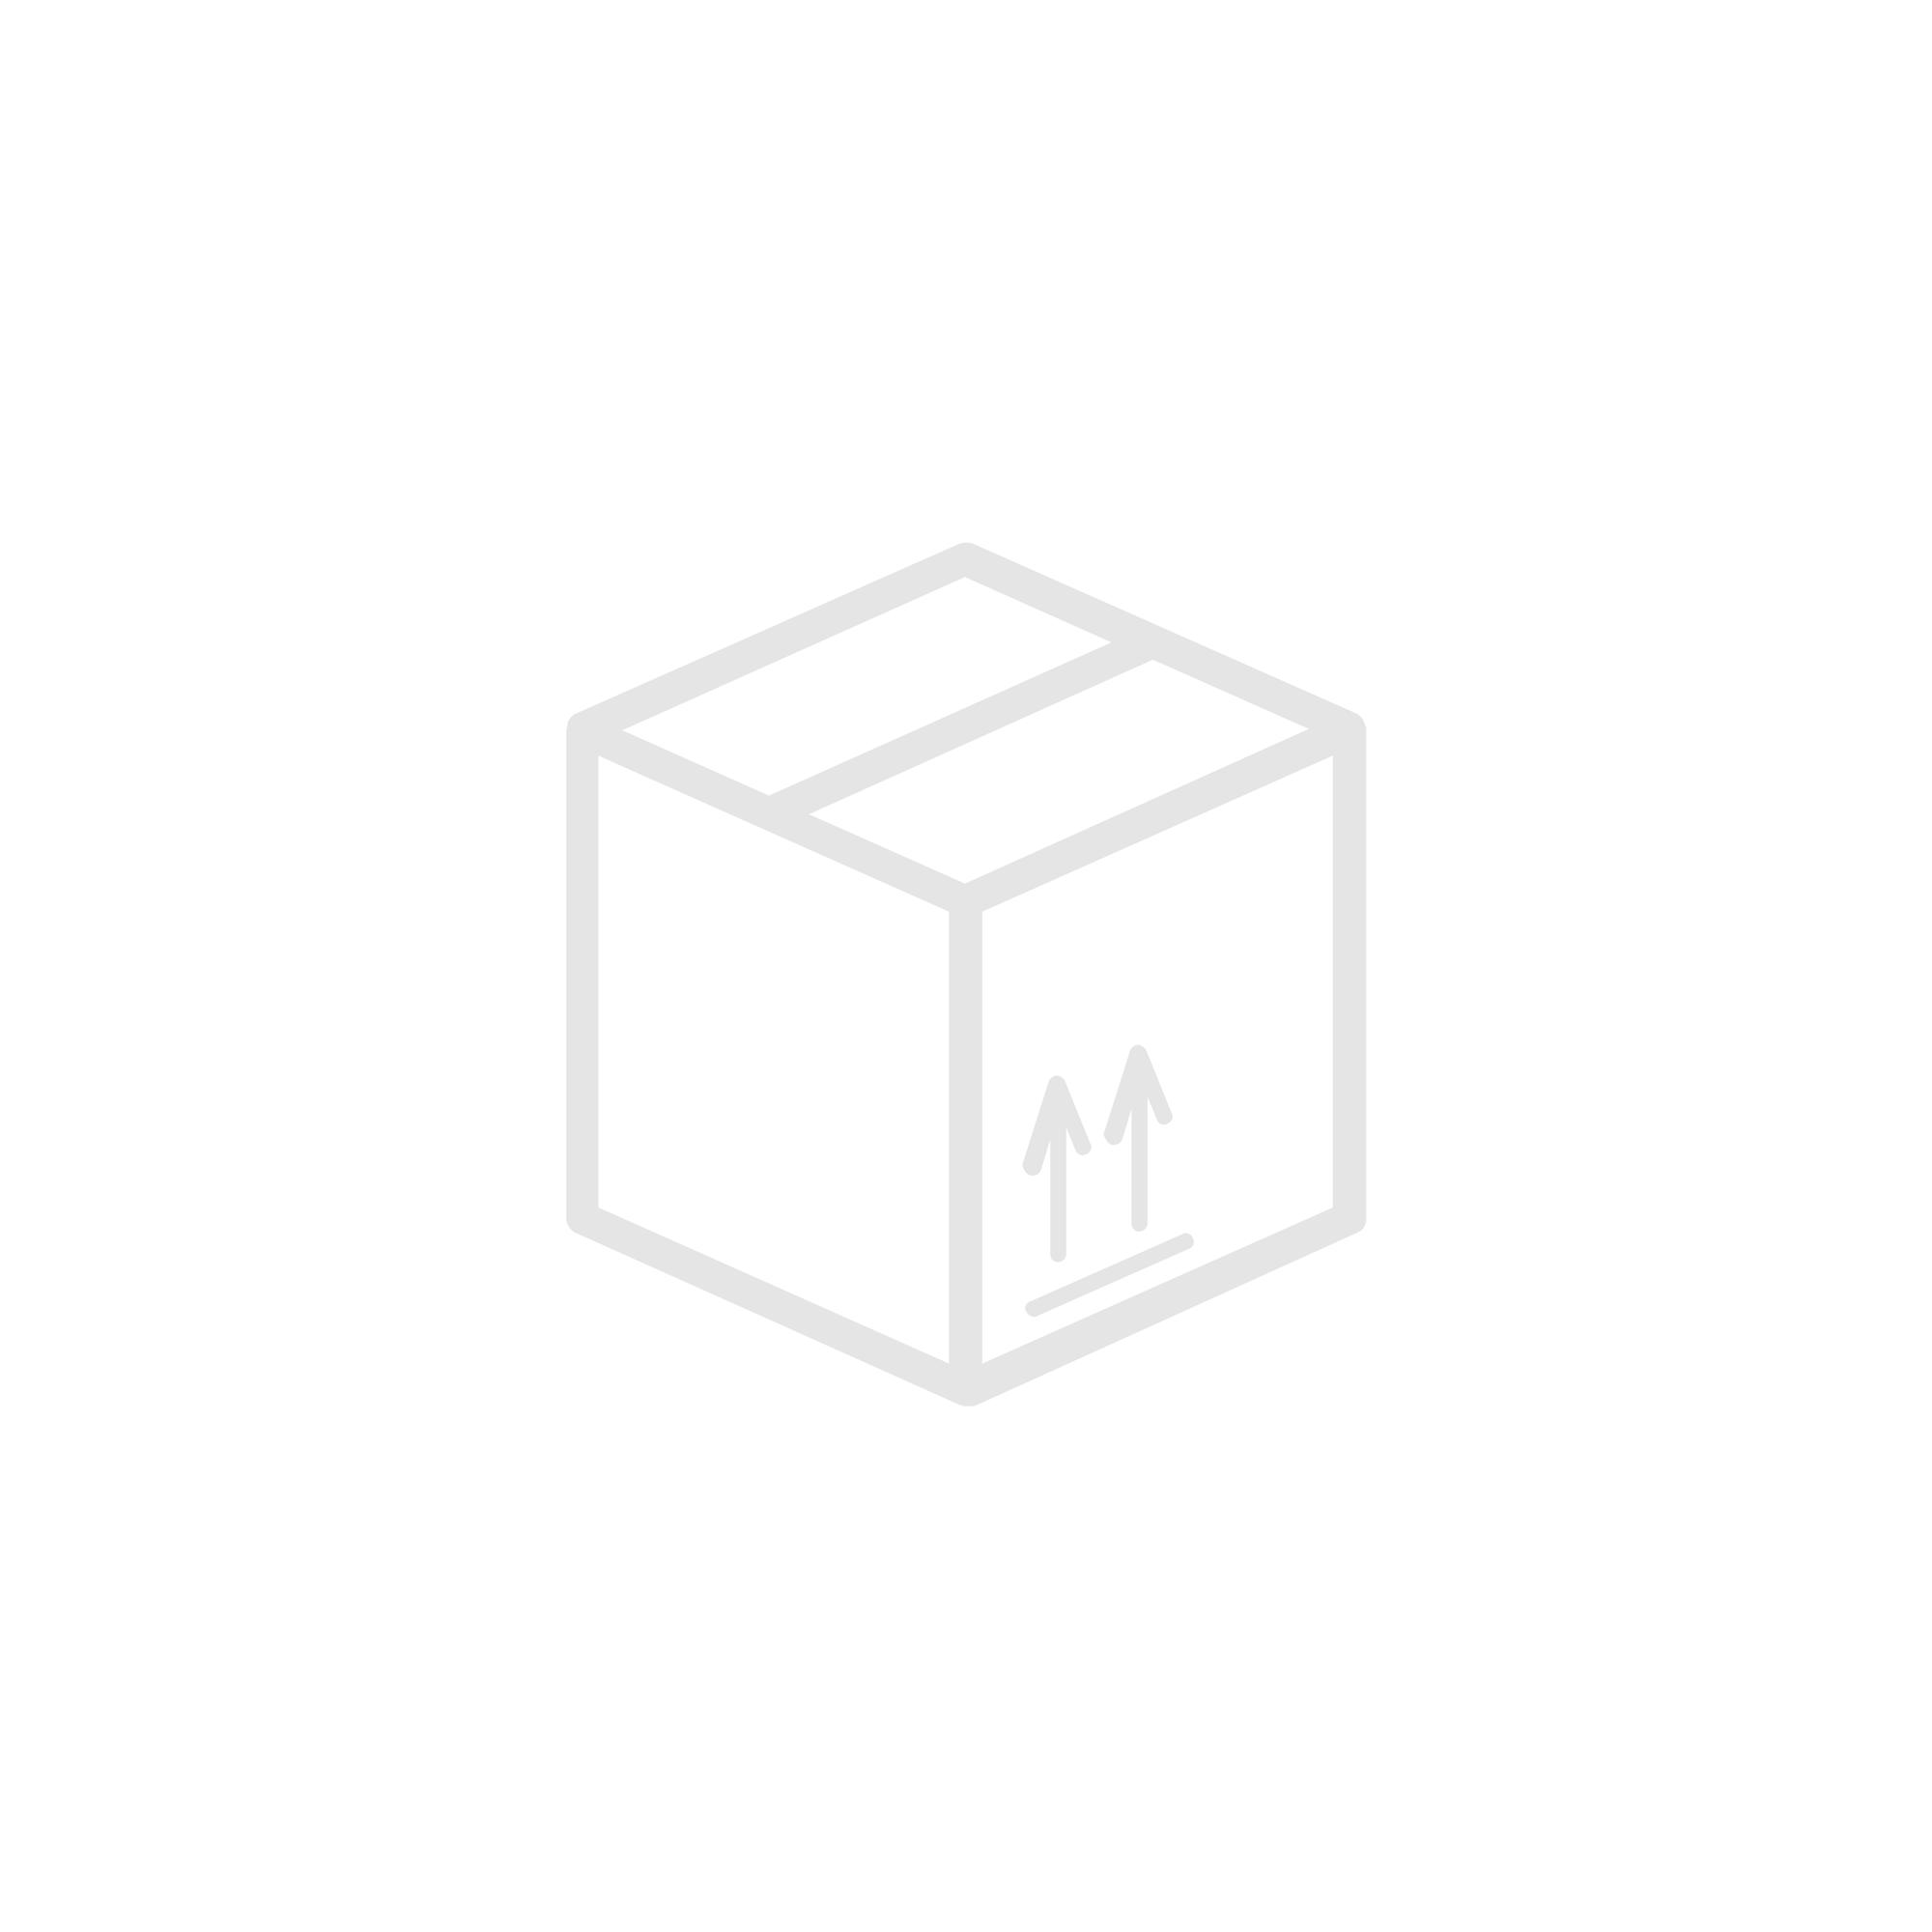 KANLUX Svítidlo LED ANTRA 10W 4000K reflektor IP65 šedá s čidlem